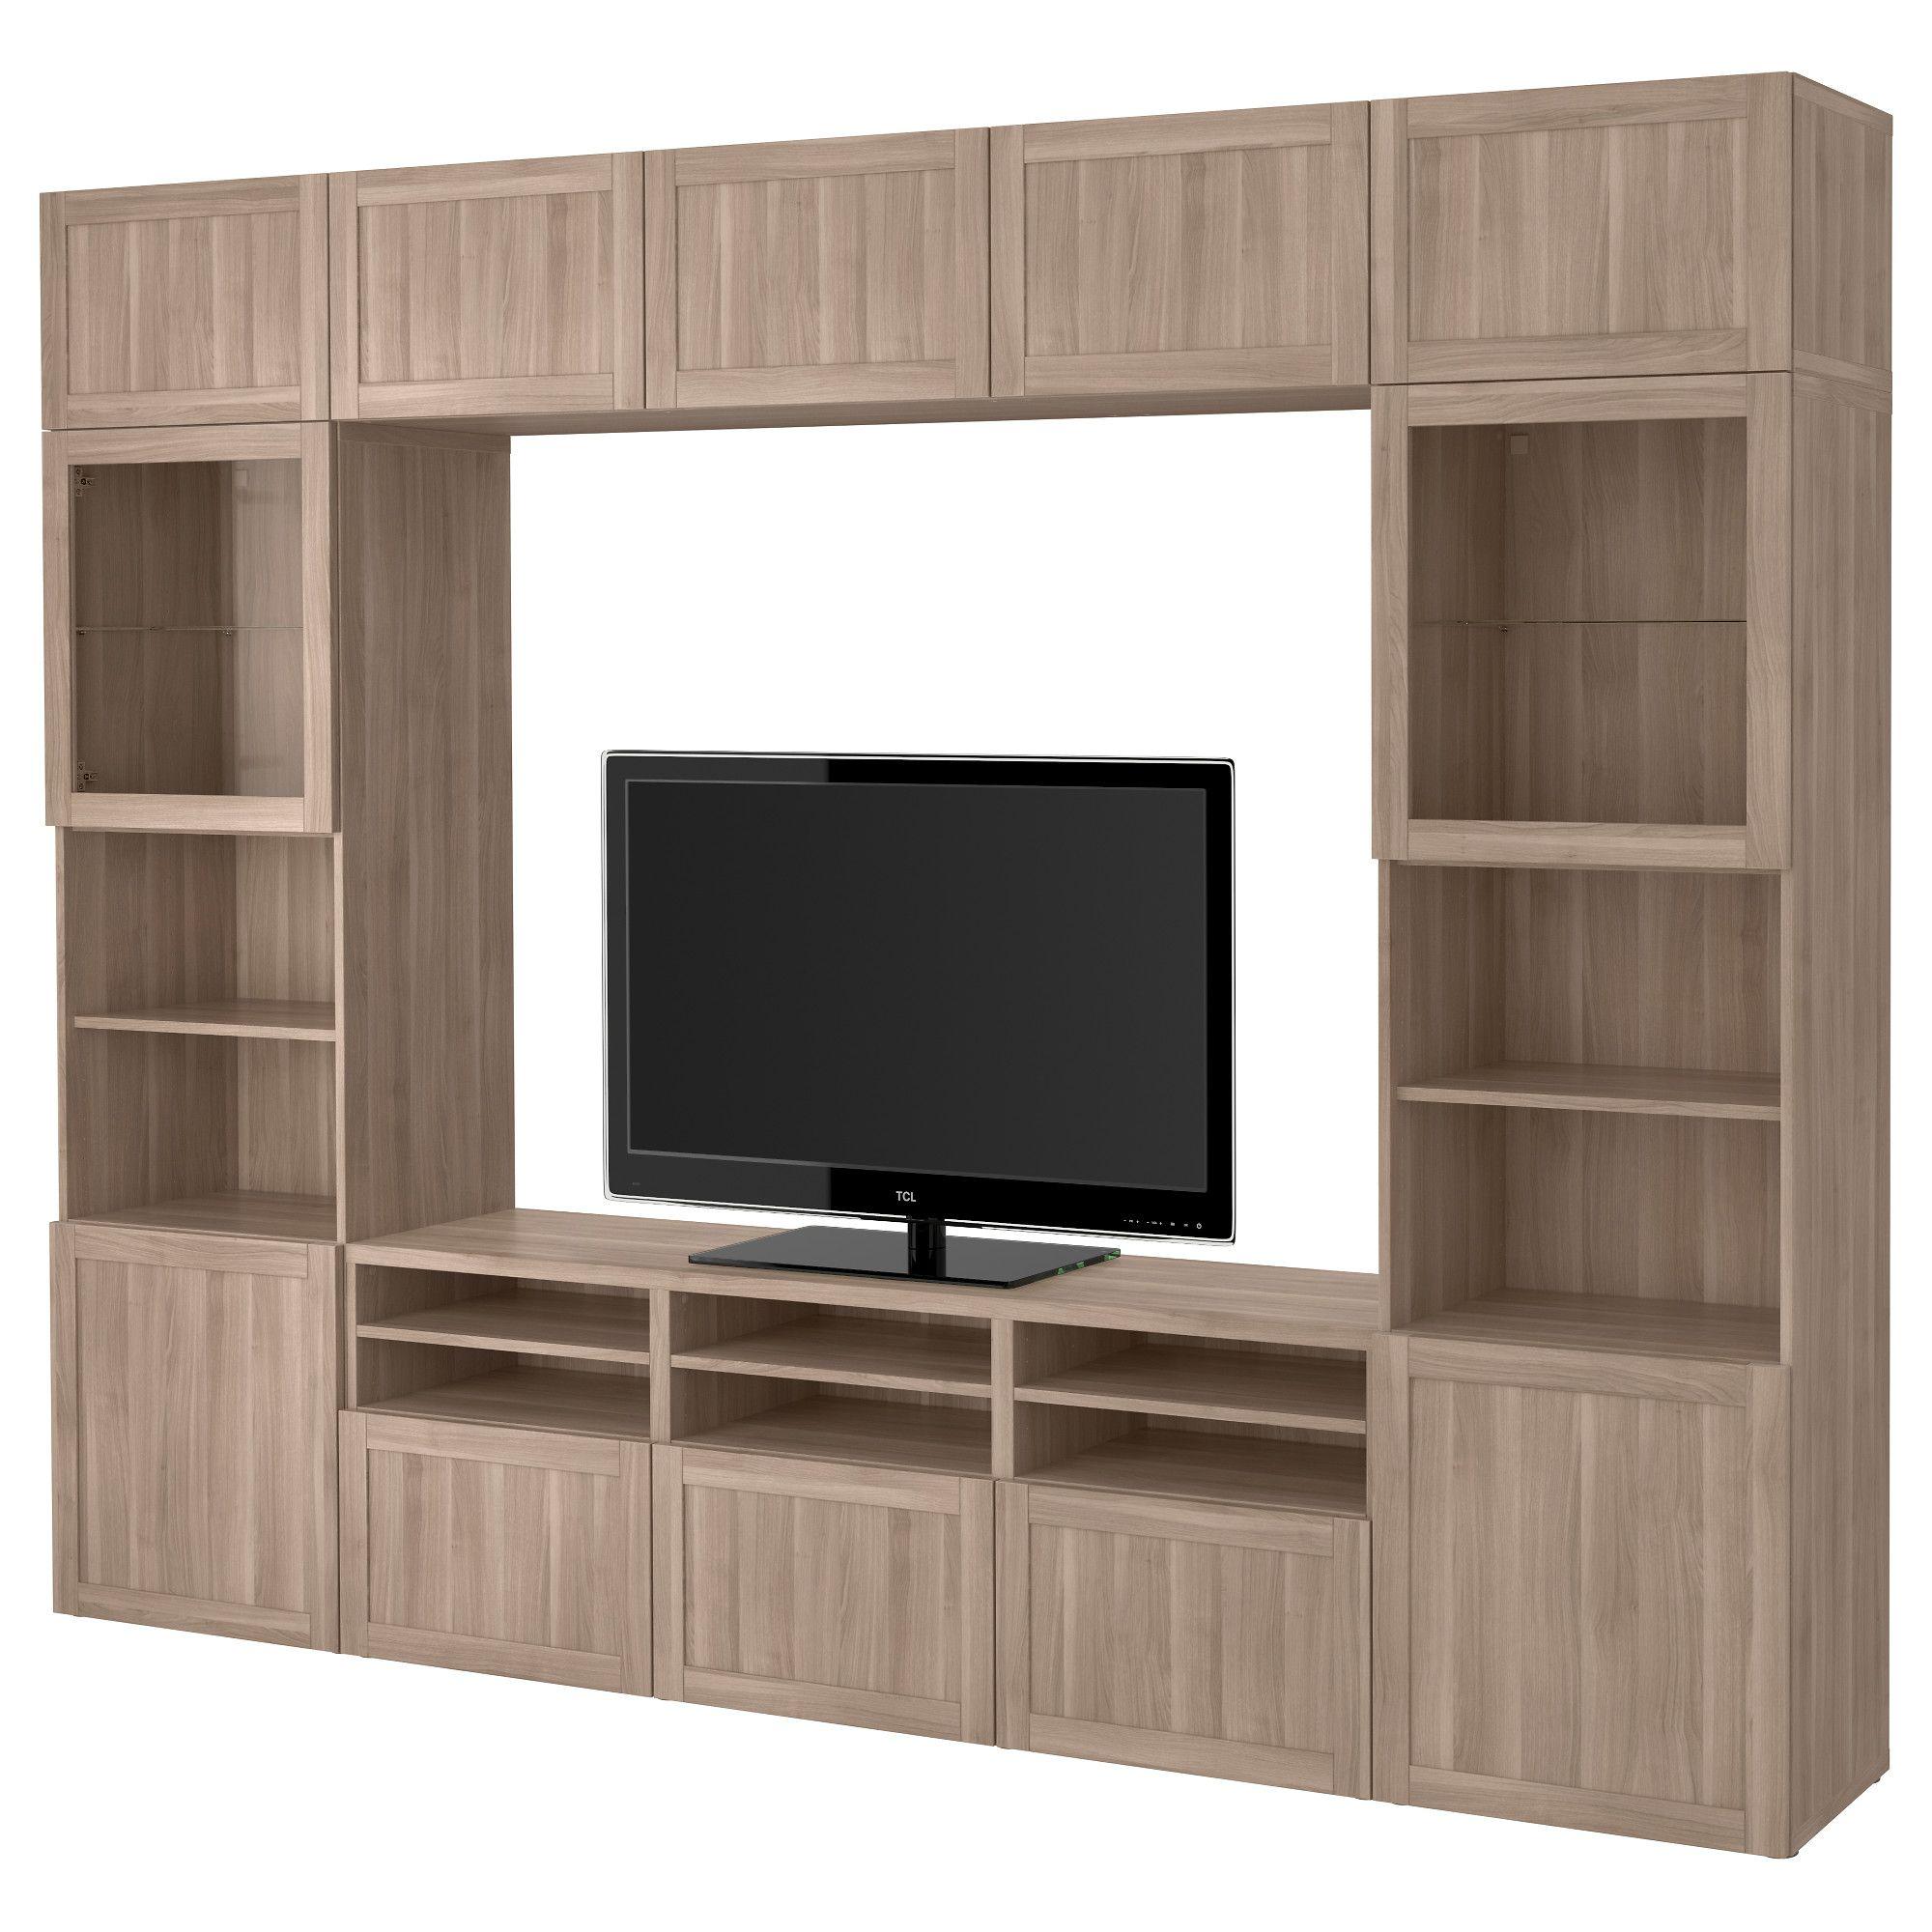 Ikea Best Tv Storage Combination Glass Doors Walnut Effect Light Gray Selsviken High Gloss